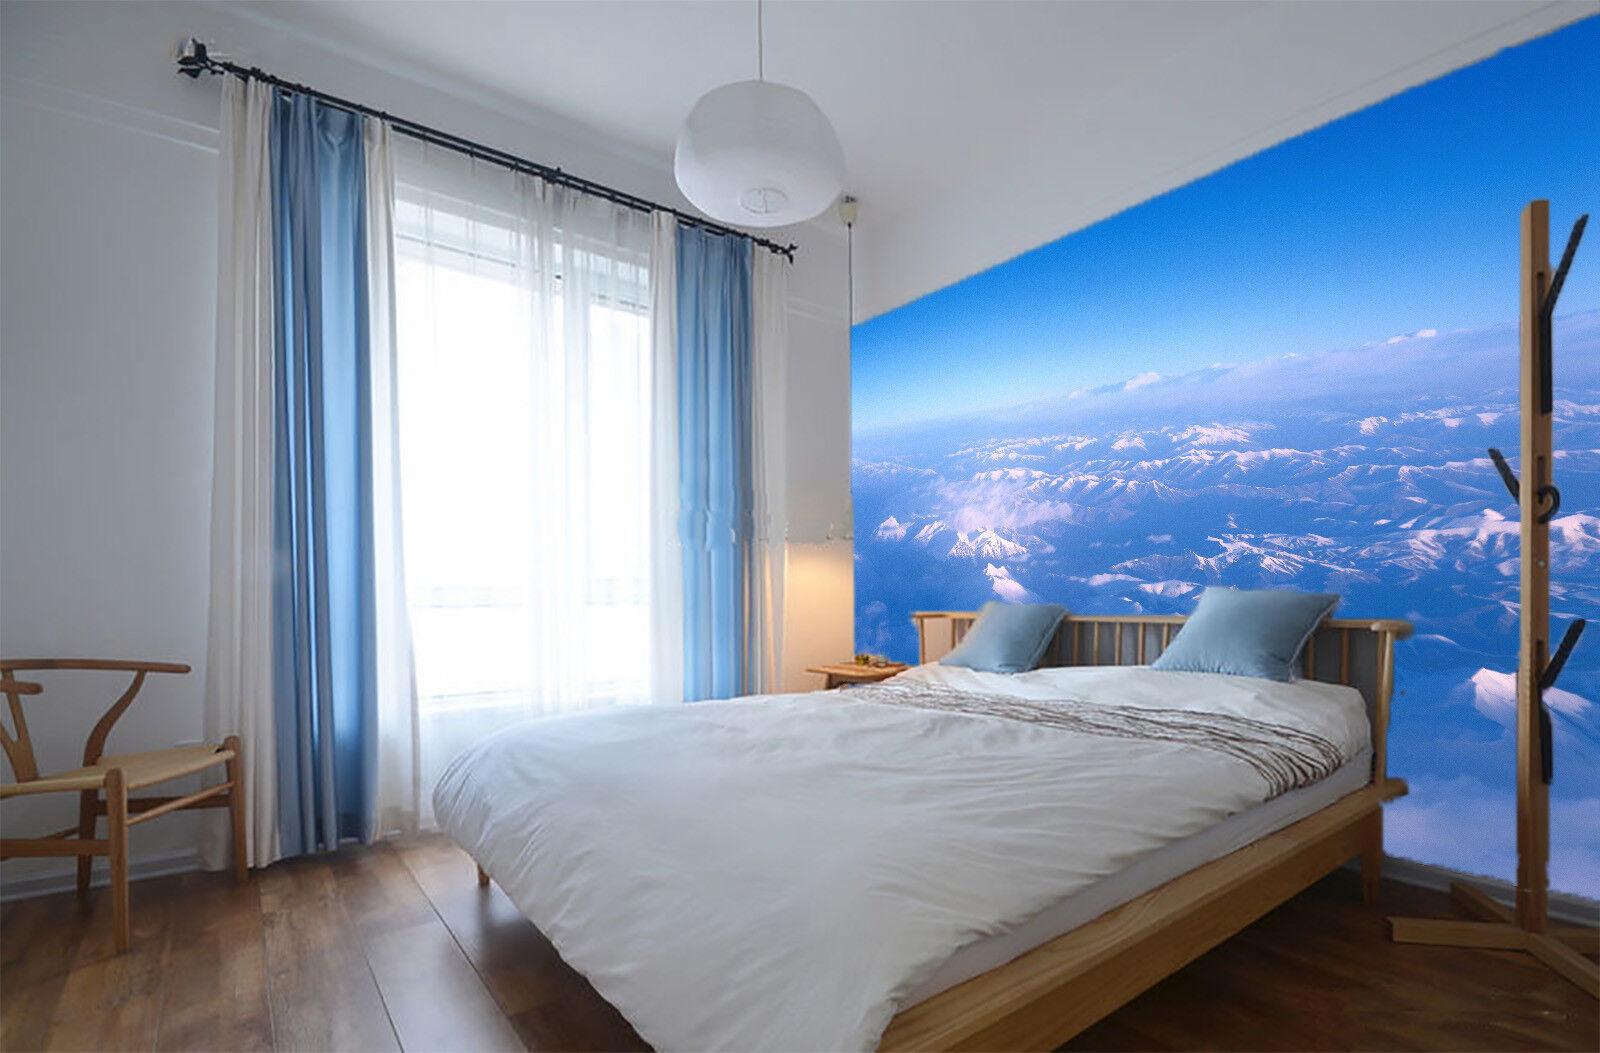 3D Höhe Himmel Fotografie 85 Tapete Wandgemälde Tapete Tapeten Bild Familie DE